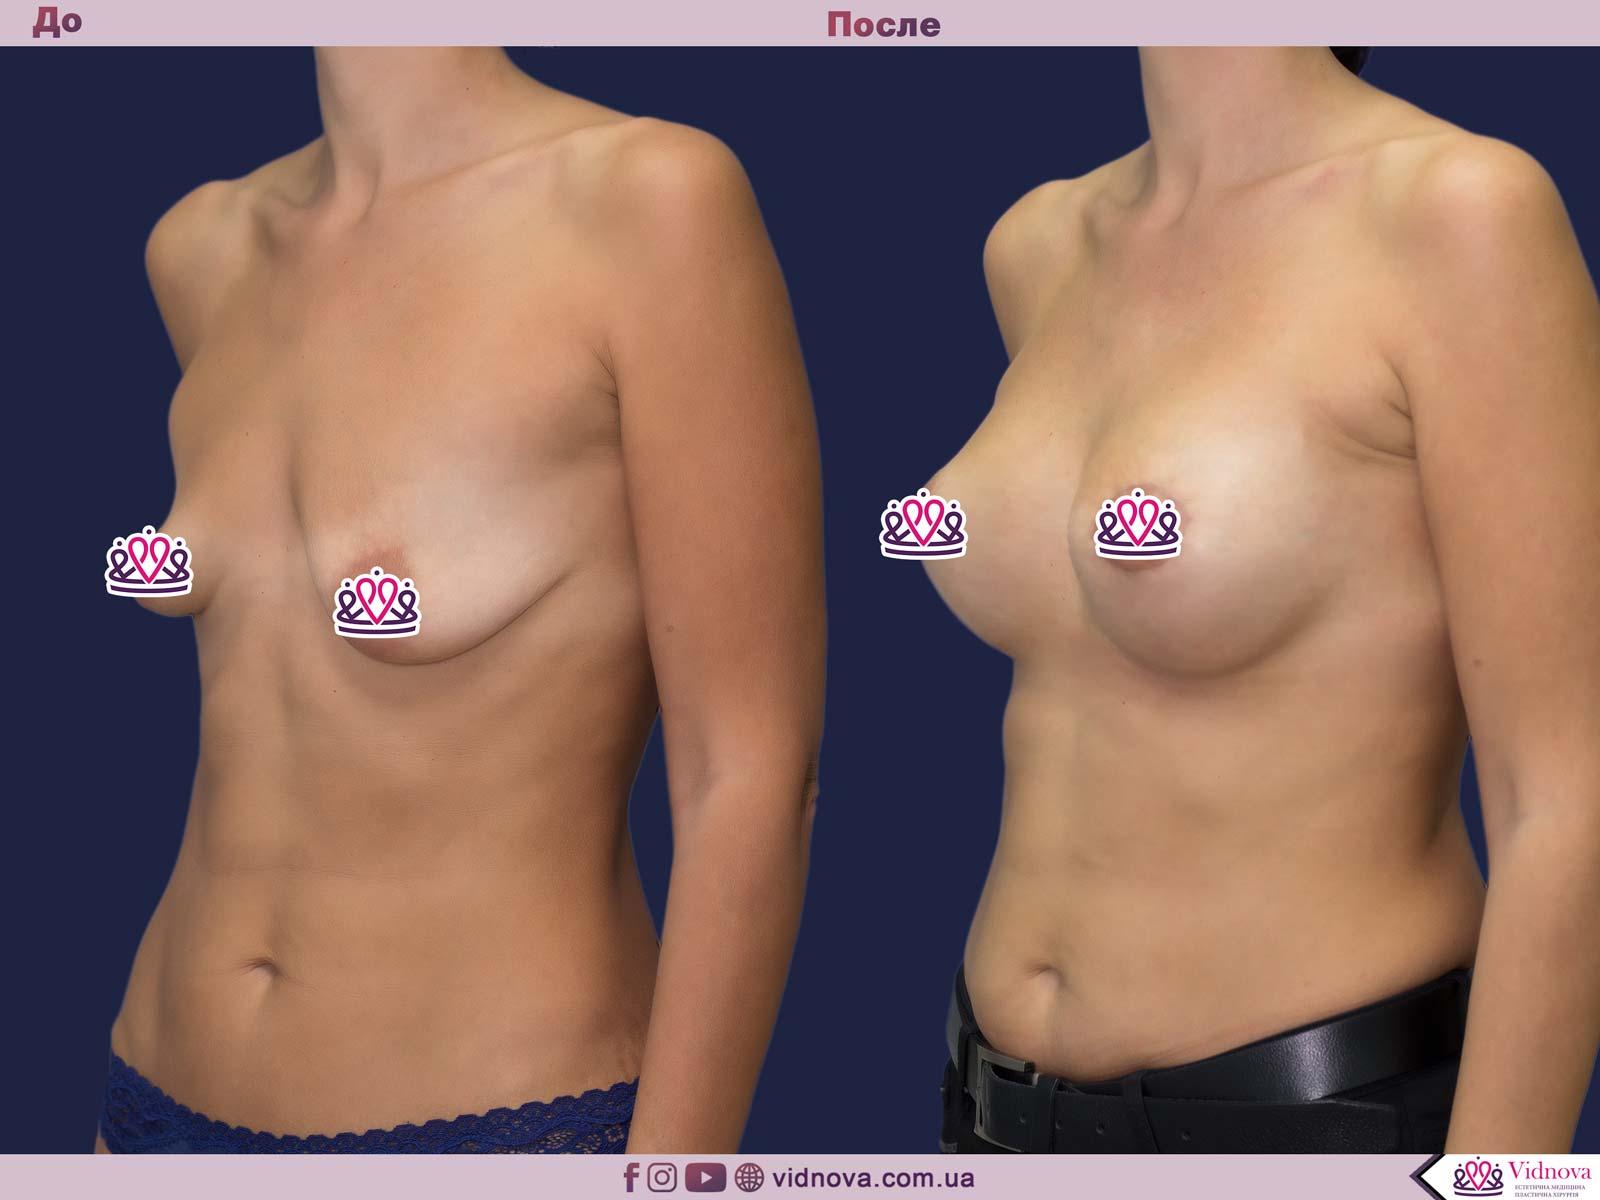 Пластика груди: результаты до и после - Пример №25-1 - Светлана Работенко